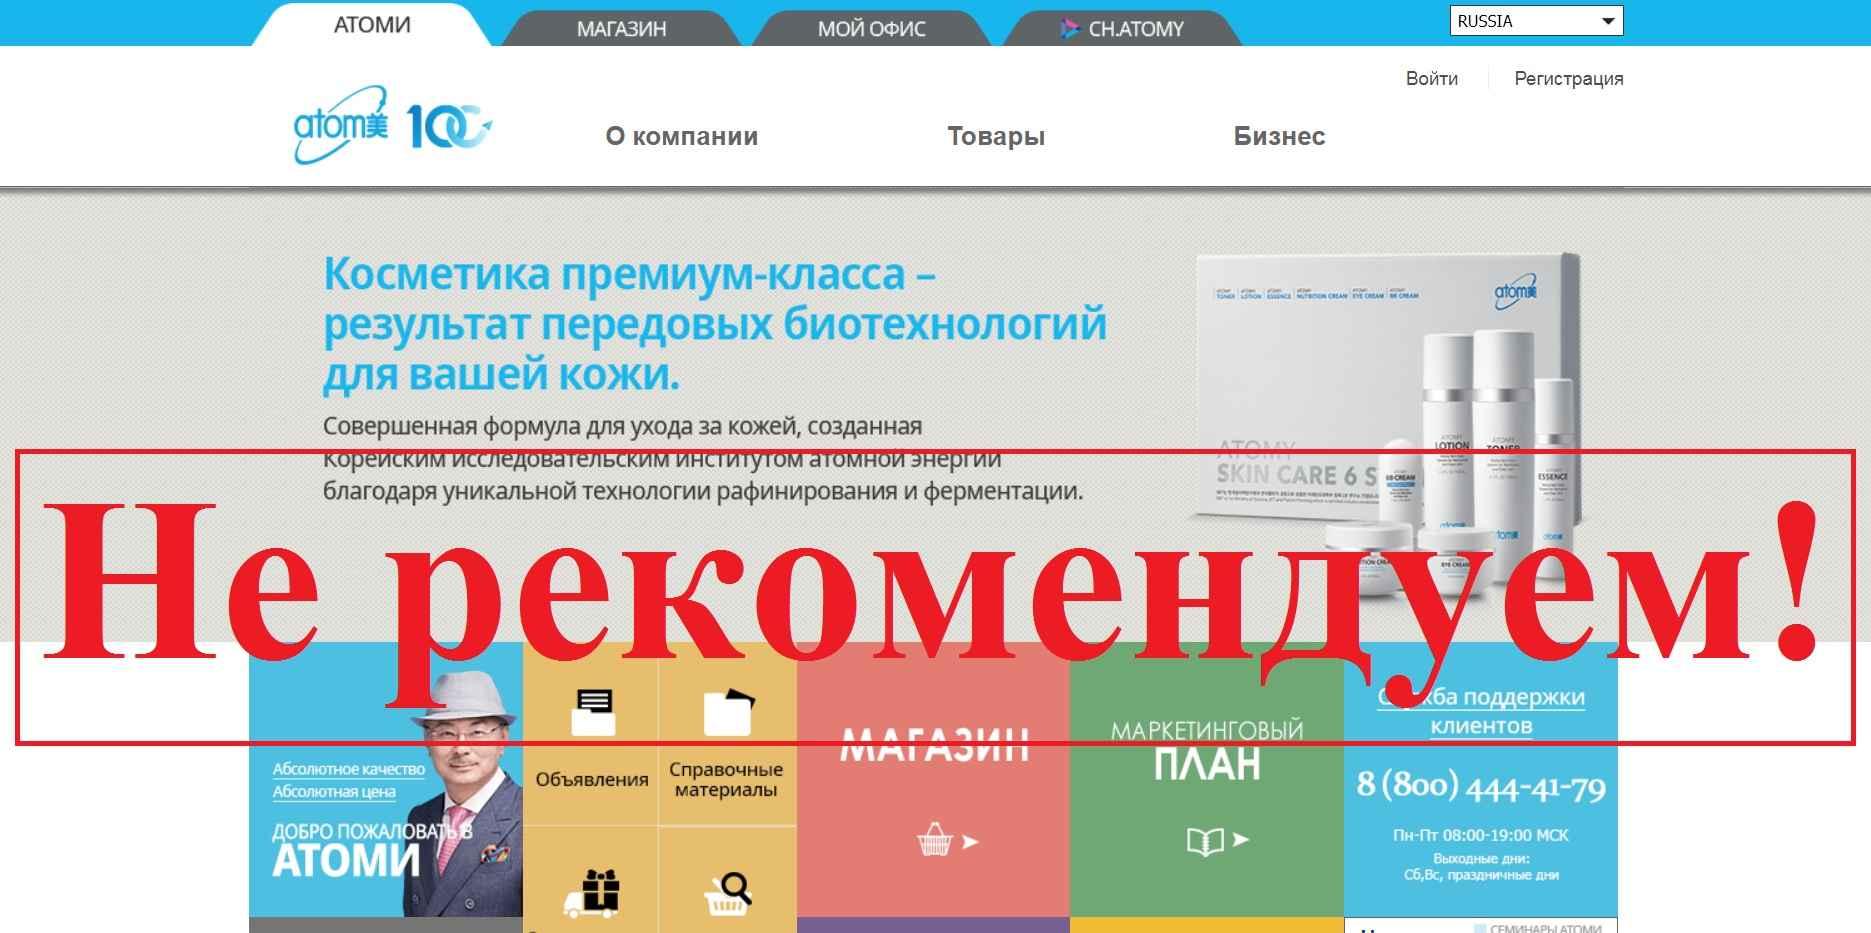 Косметика Атоми (Atomy.ru) - отзывы о продукции atomy.ru